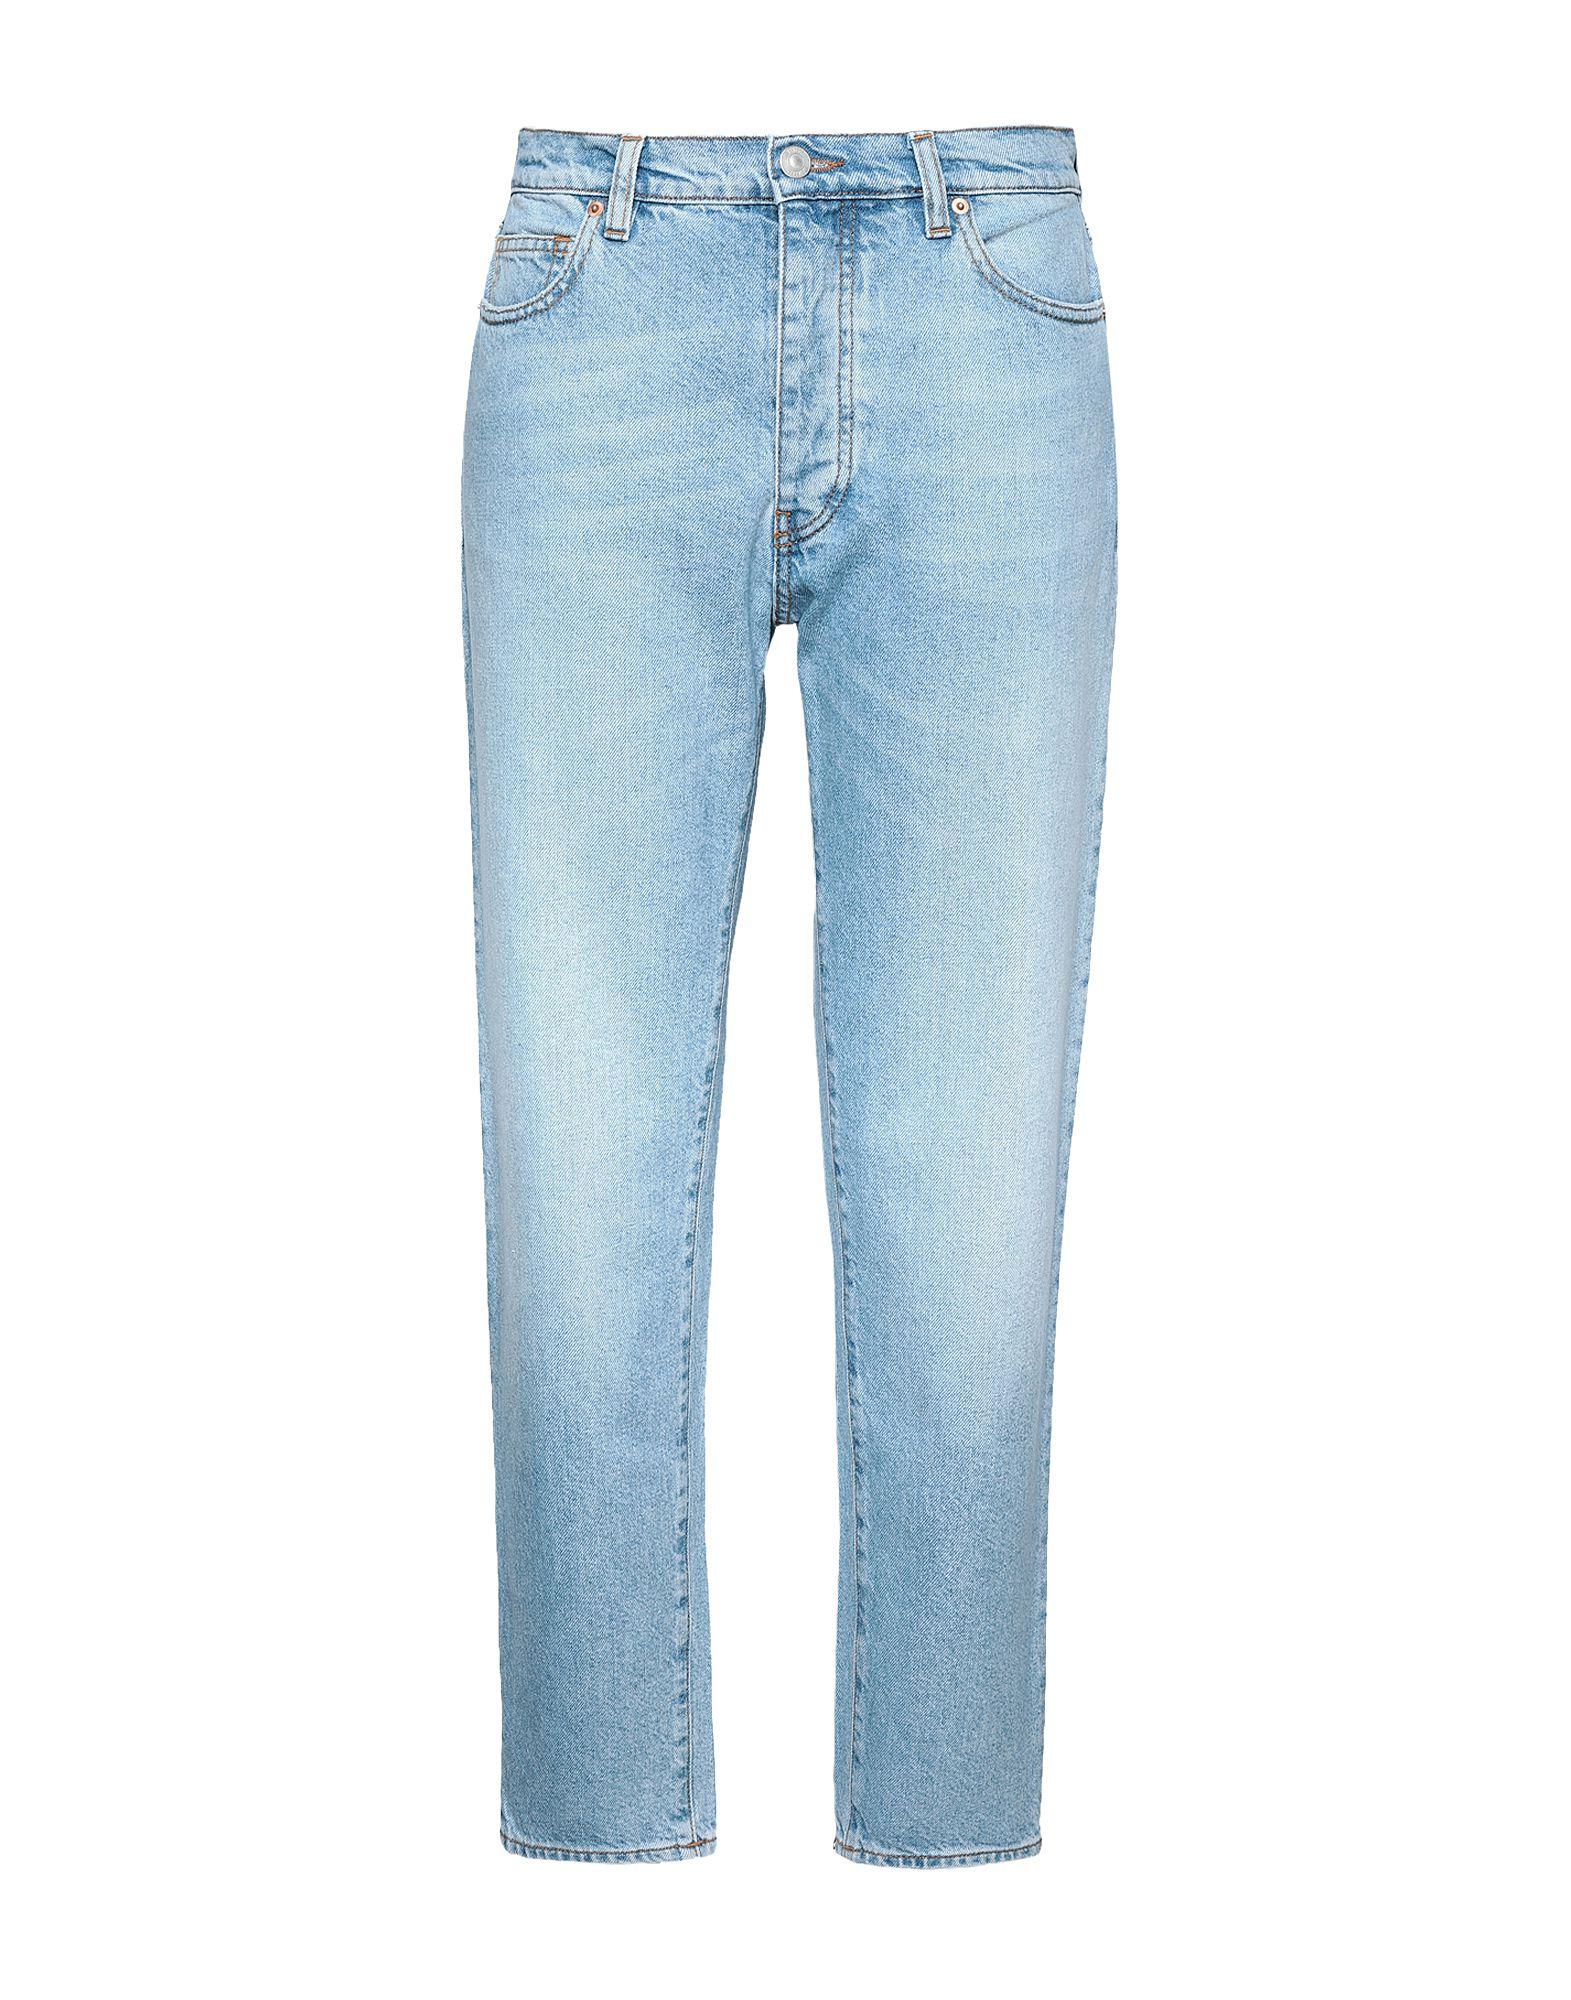 штаны для сноуборда джинс